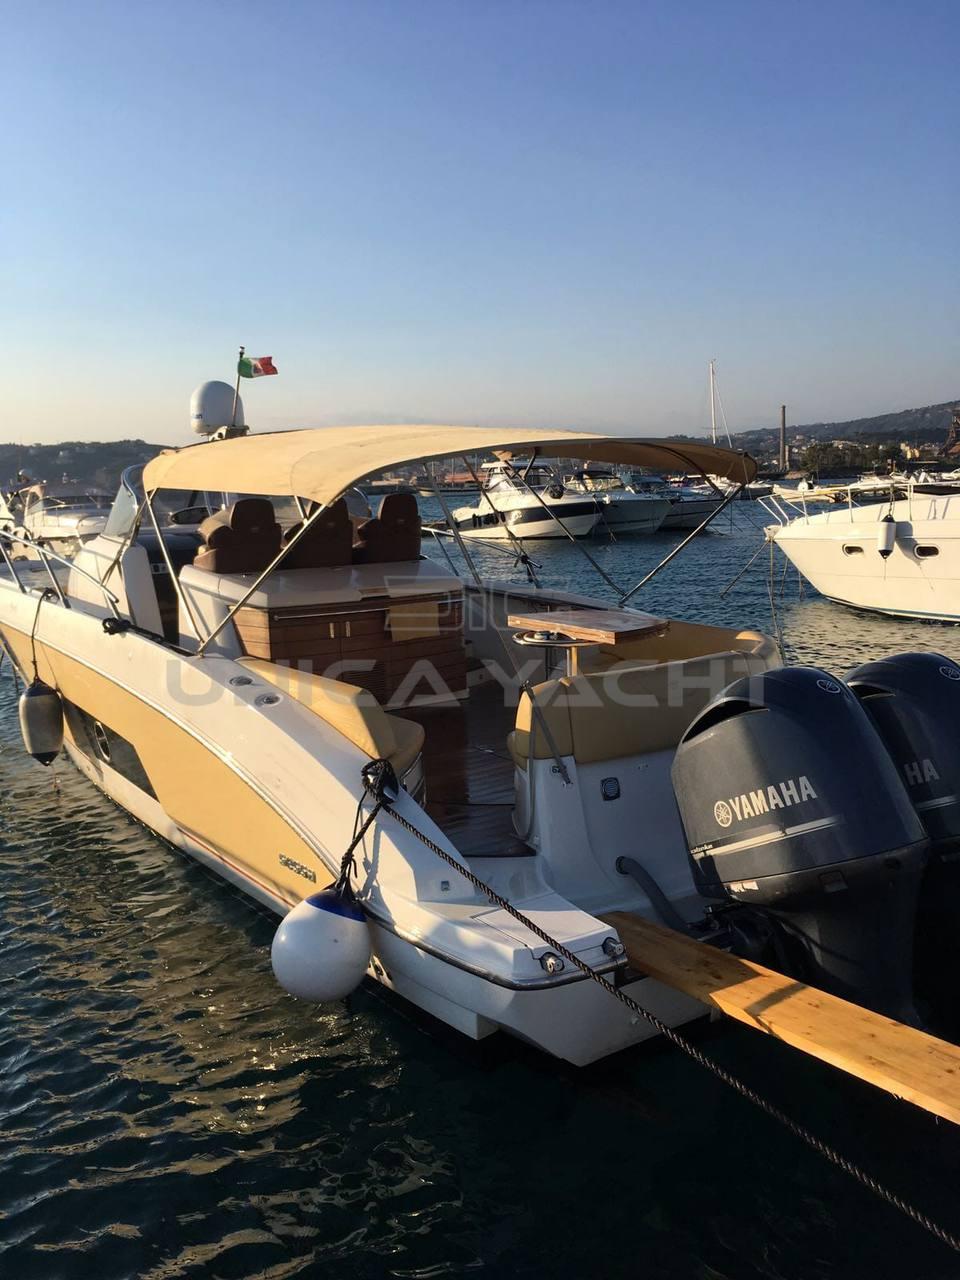 SESSA 36 key largo Motorboot gebraucht zum Verkauf